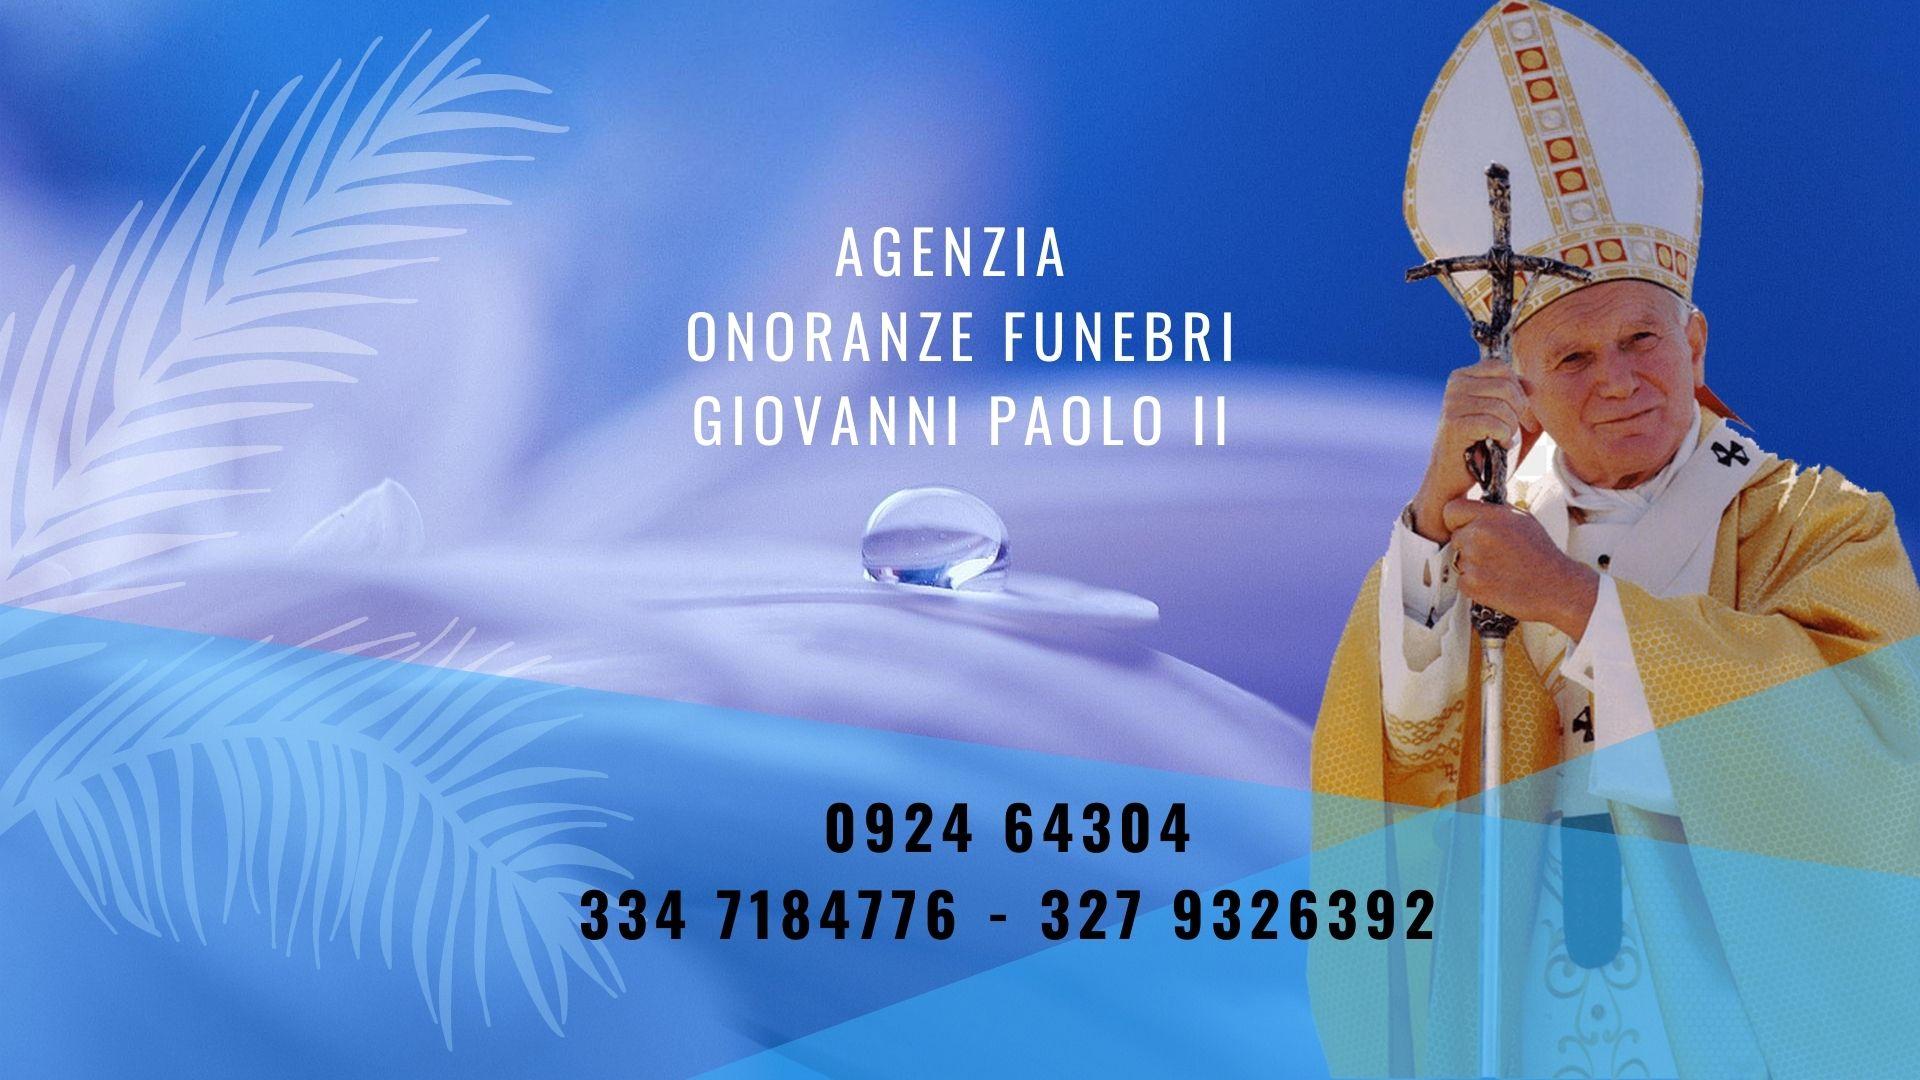 agenzia onoranze funebri giovanni paolo II salemi